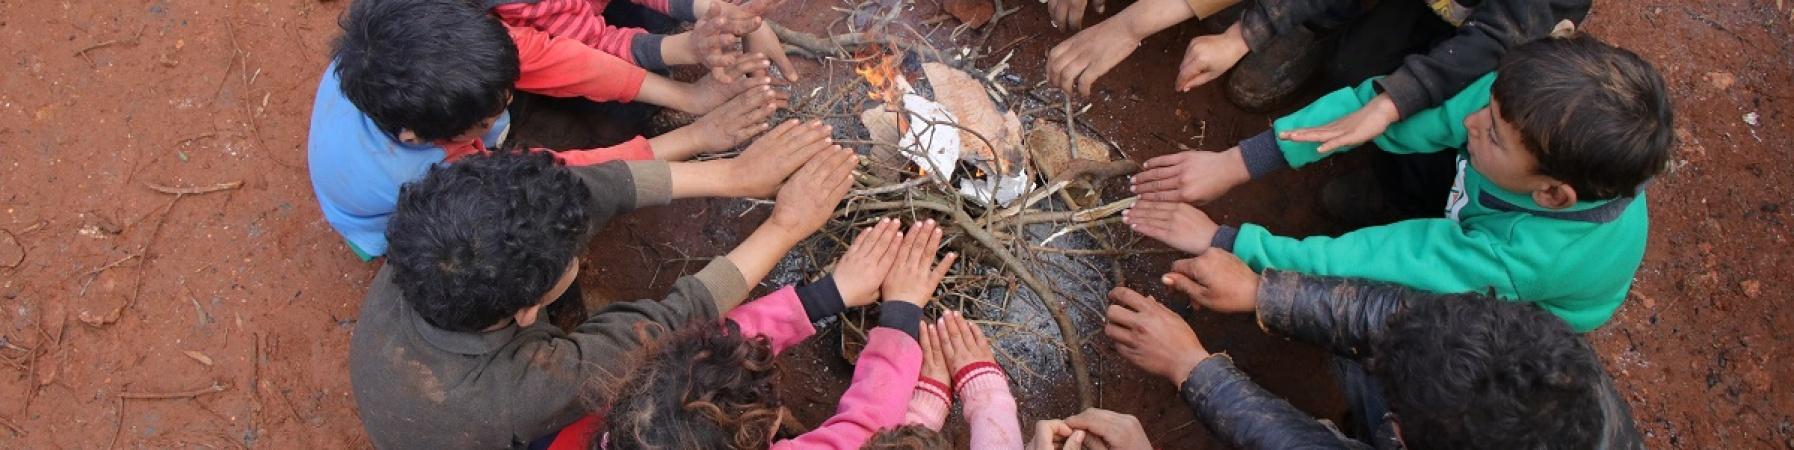 bambini attorno a un fuoco